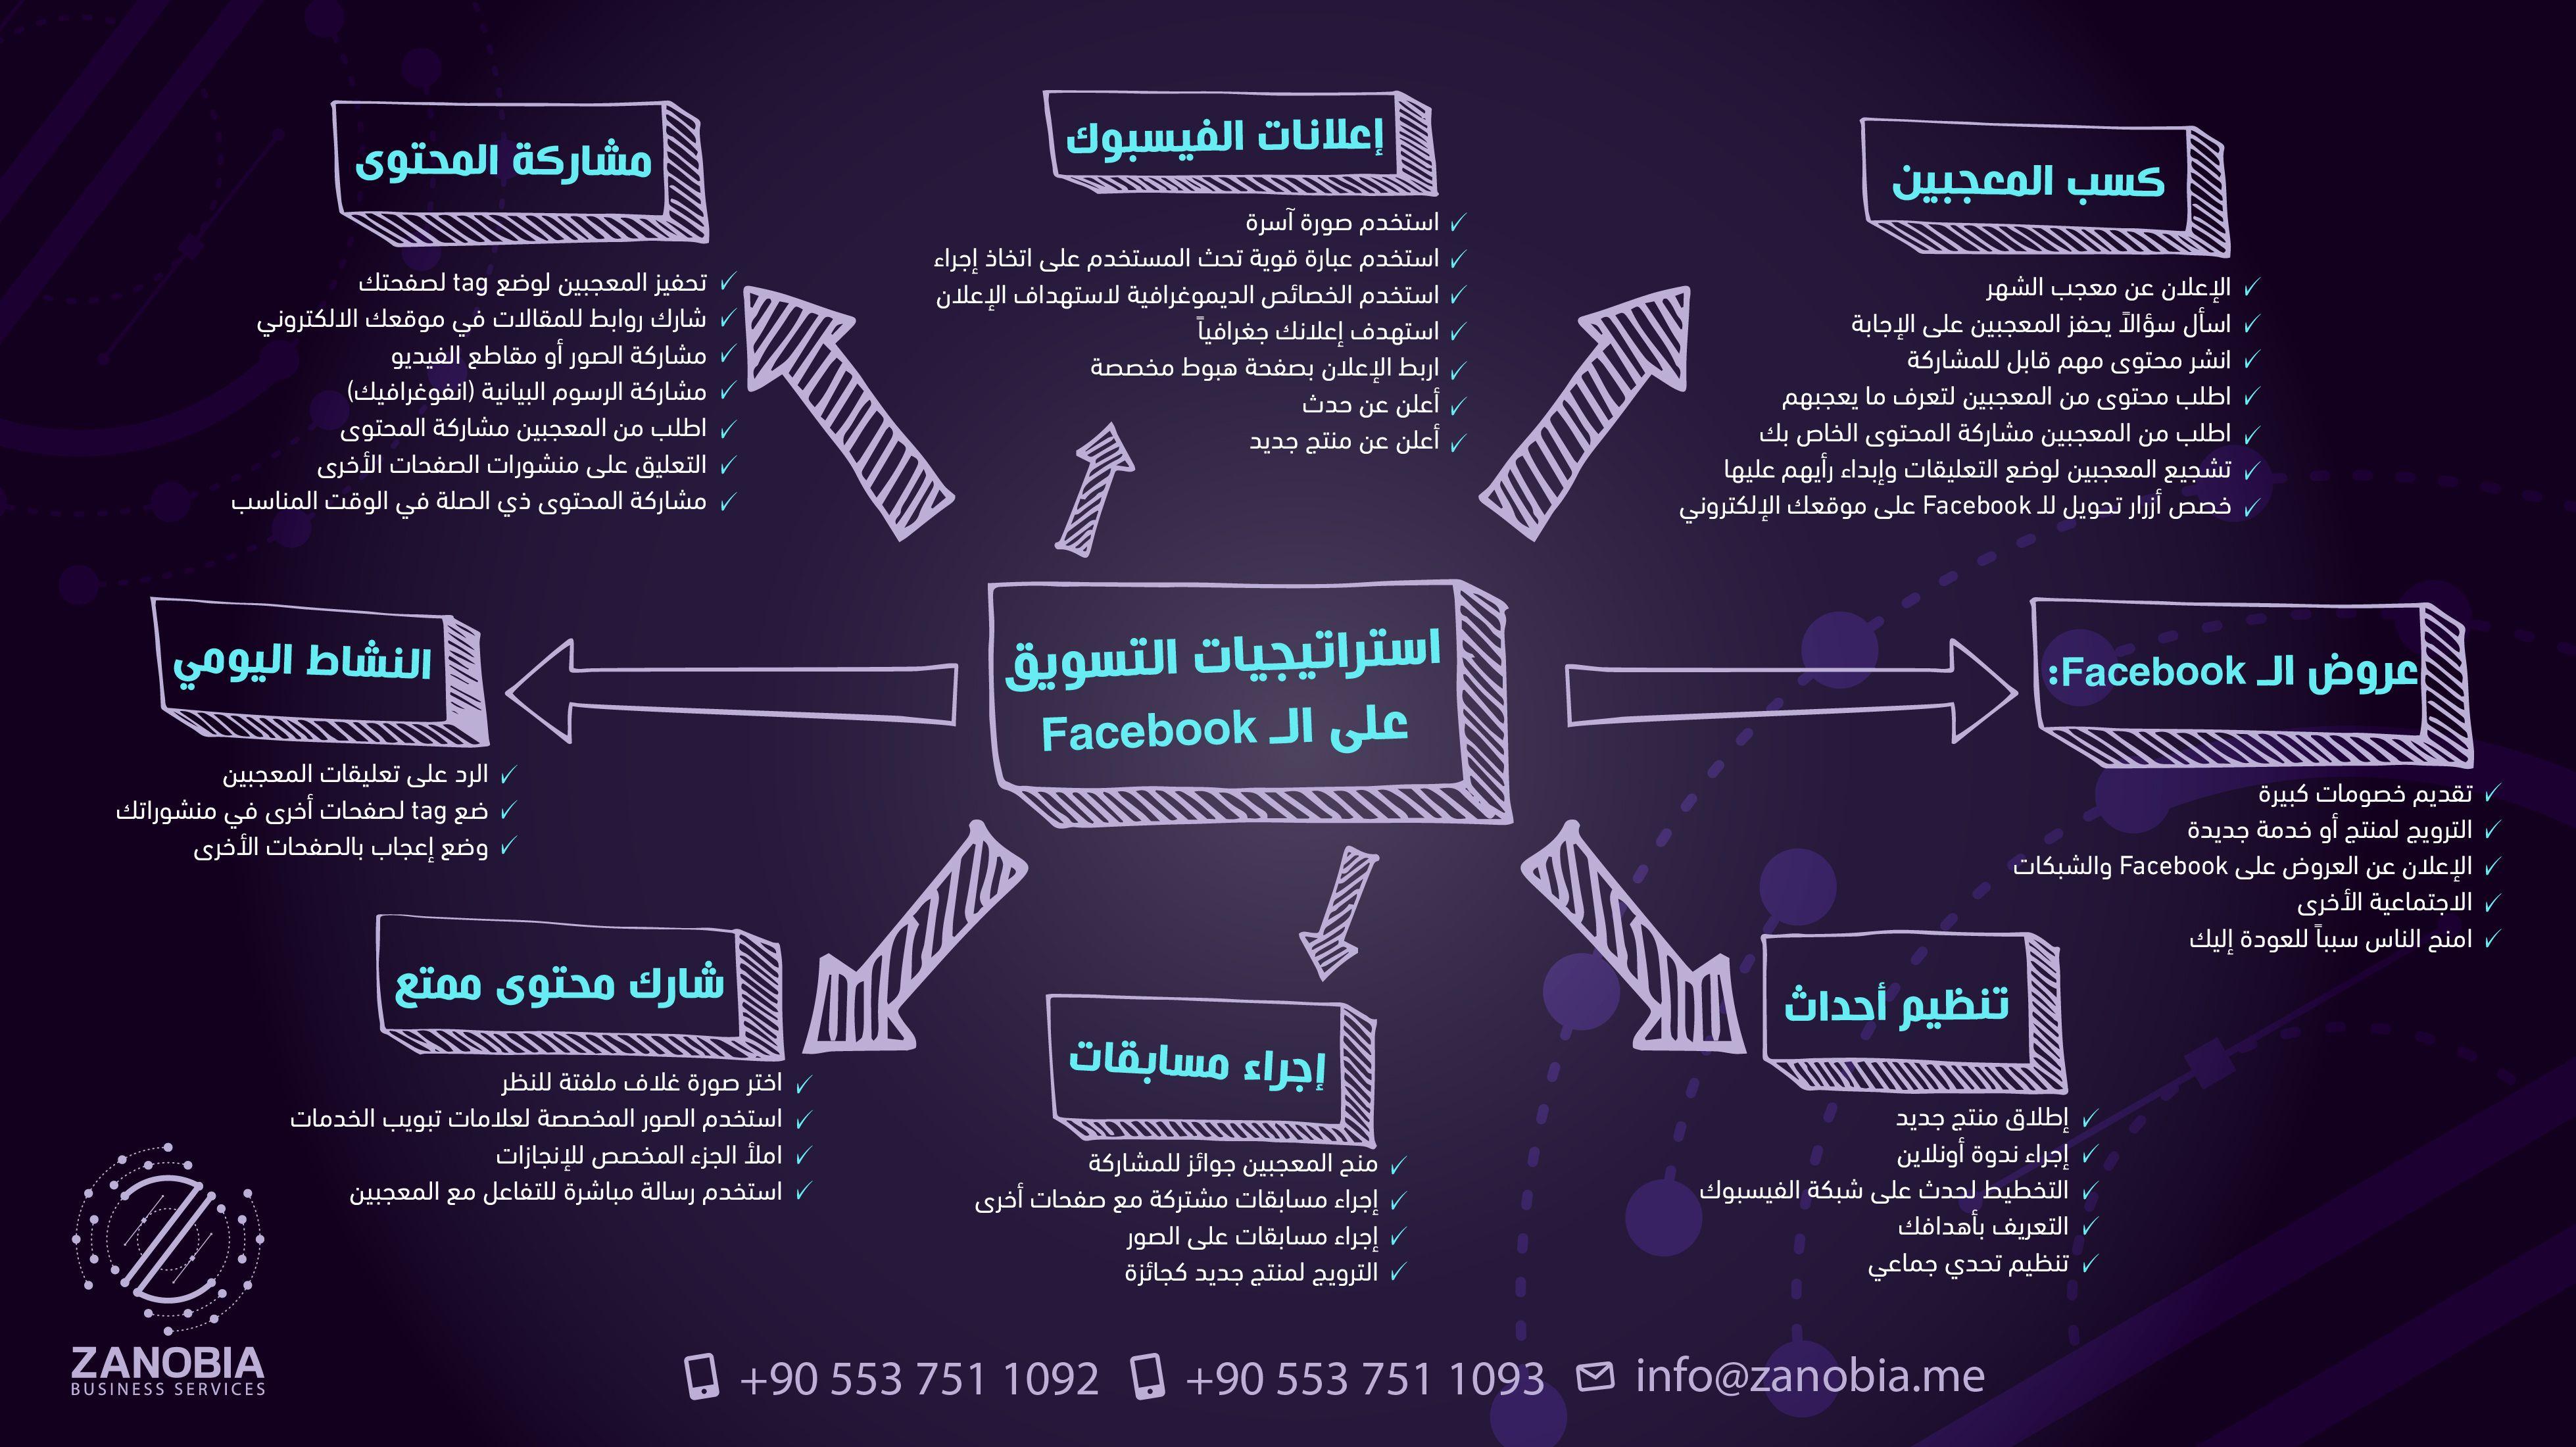 استراتيجية التسويق على الـ Facebook Marketing Plan Marketing How To Plan